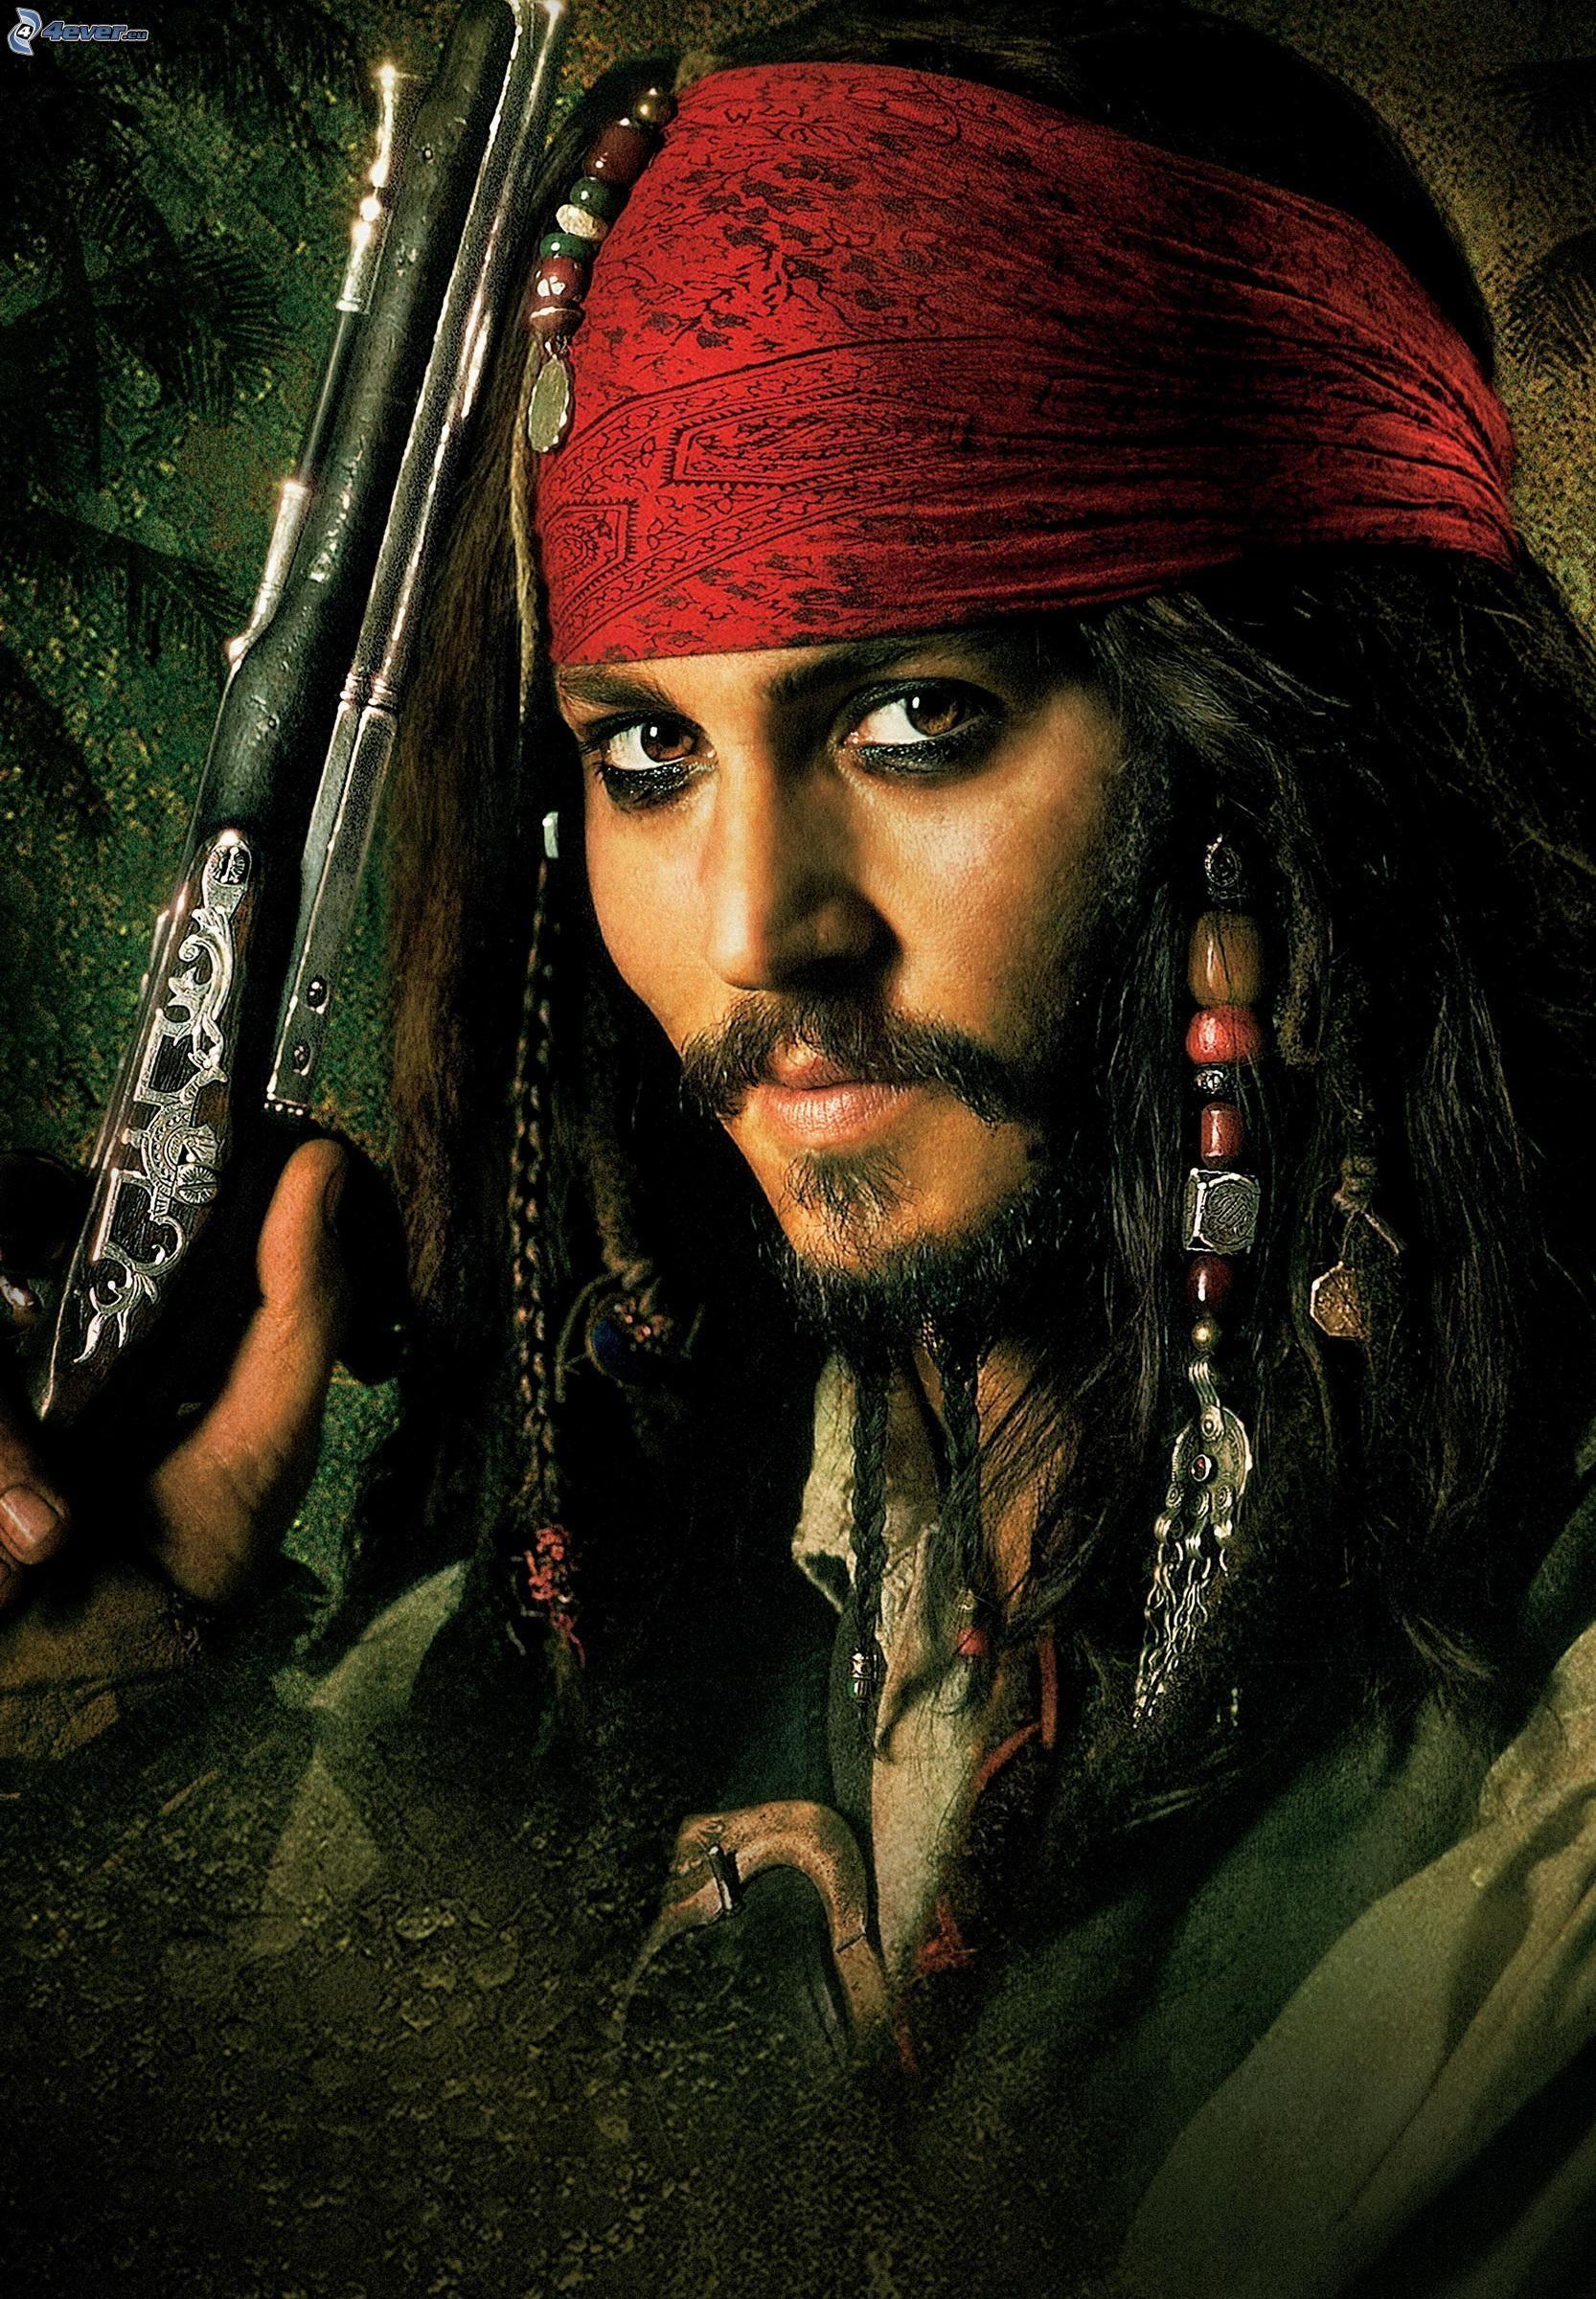 die piraten ein haufen merkwürdiger